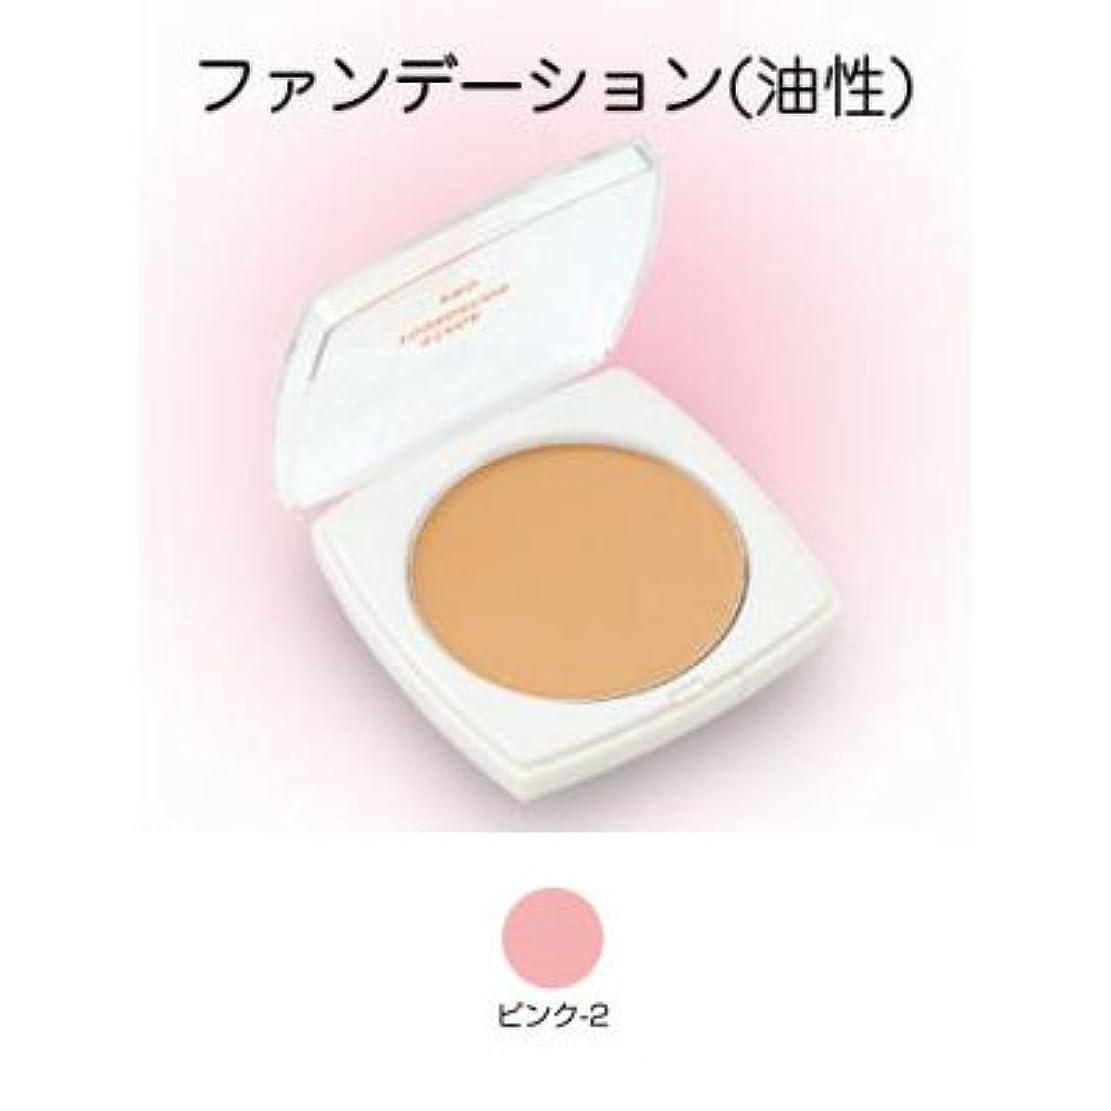 低下車両スクレーパーステージファンデーション プロ 13g ピンク-2 【三善】